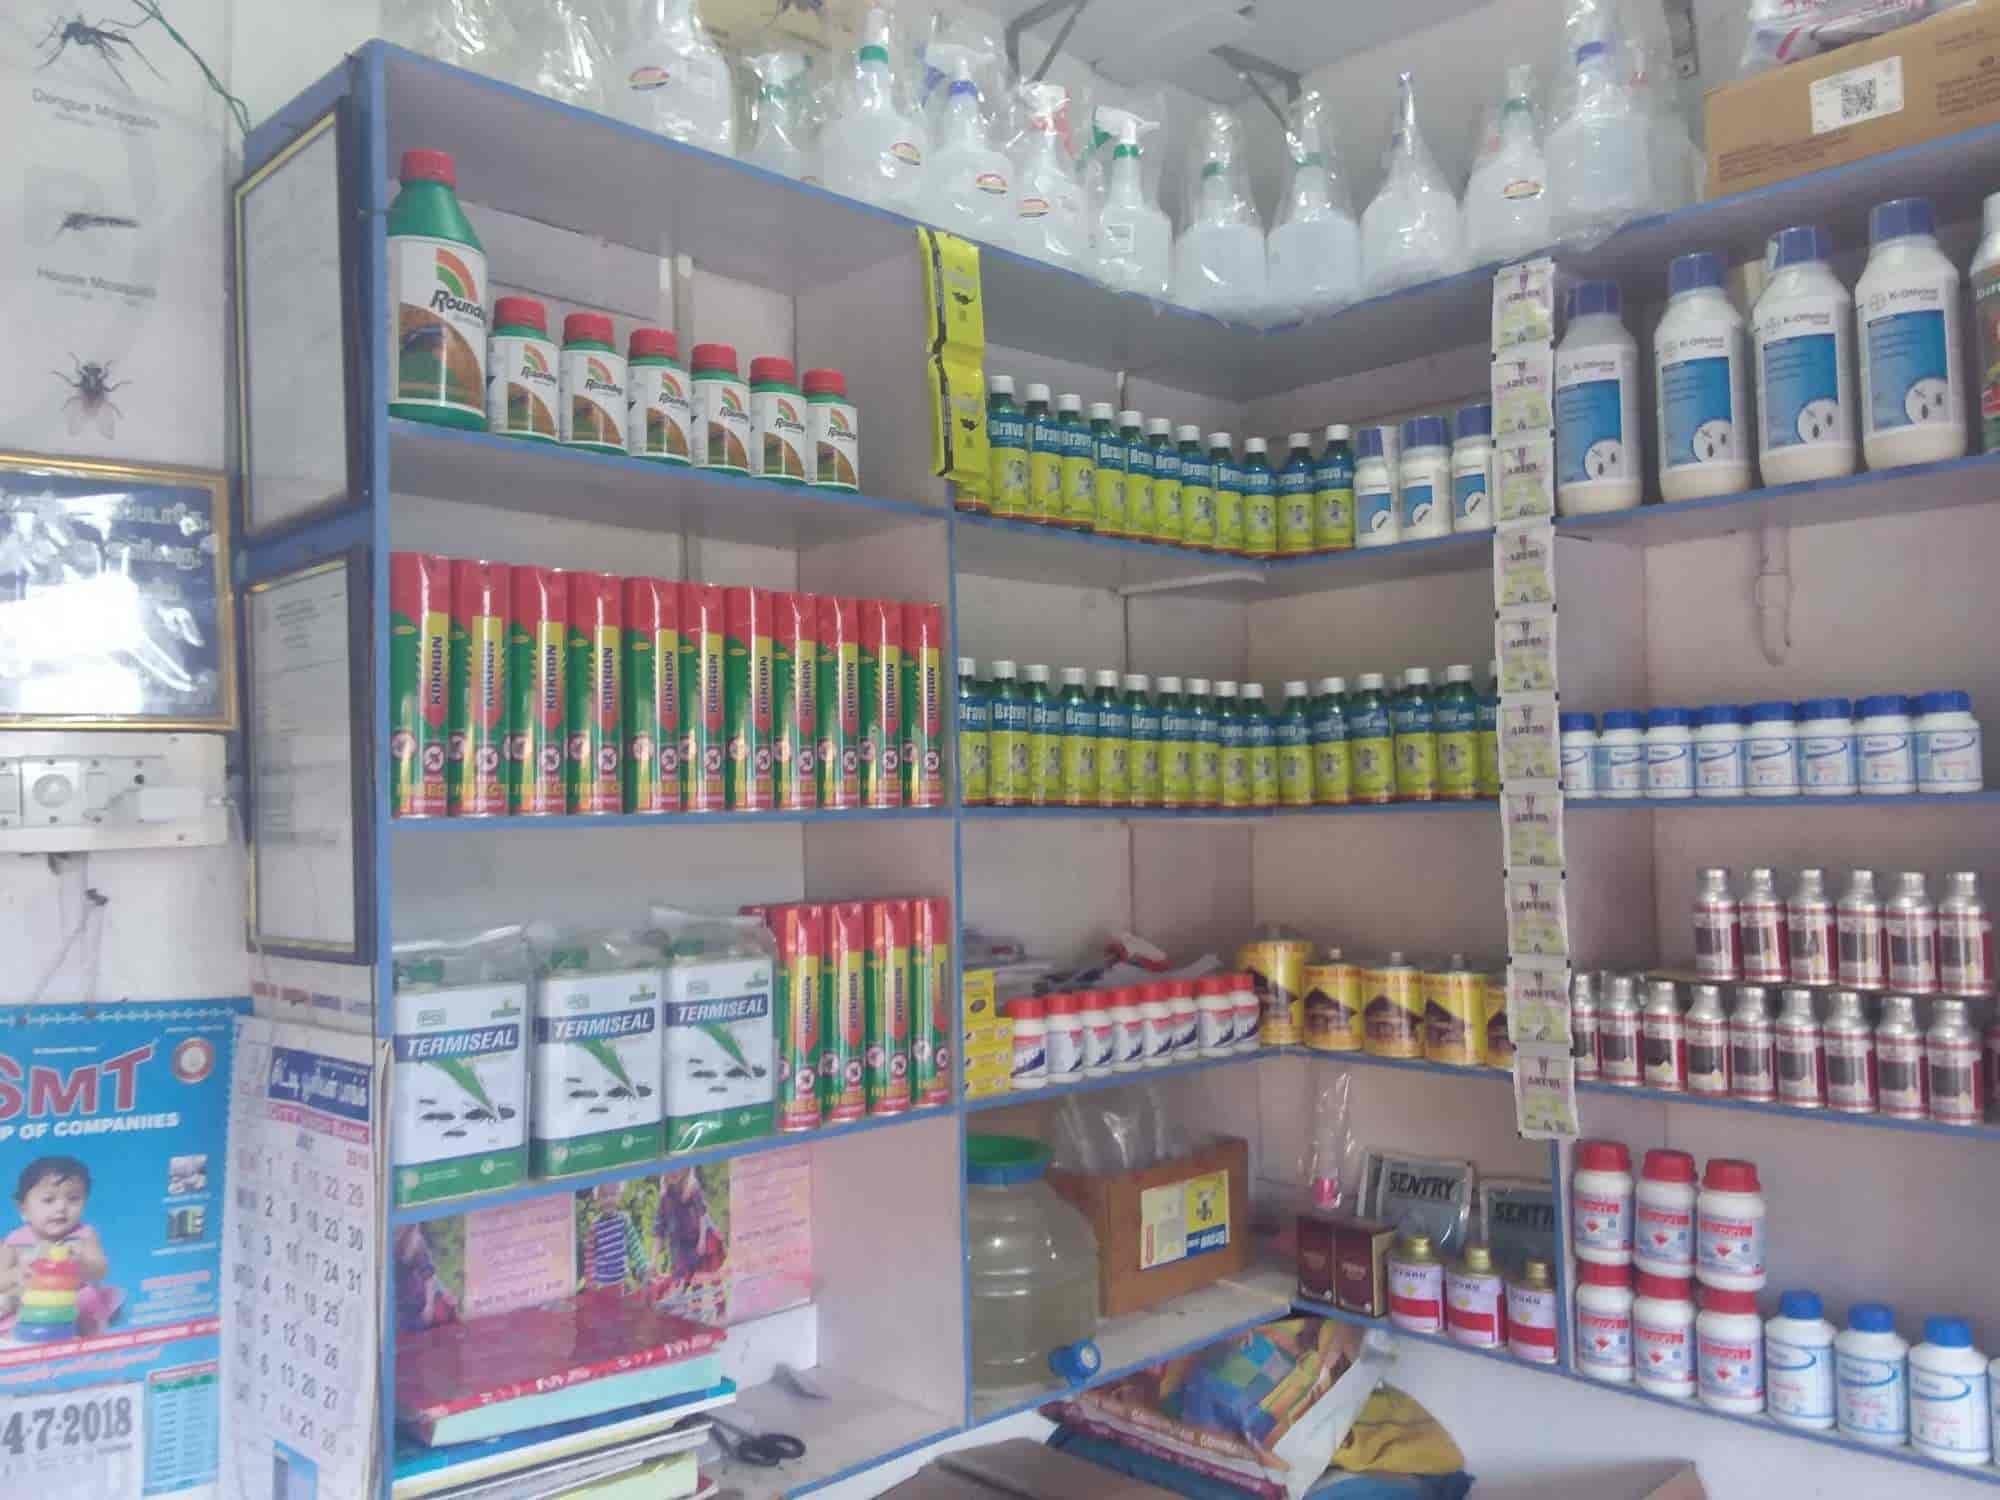 Megiddo Pest Control, Gandhipuram Coimbatore - Pest Control